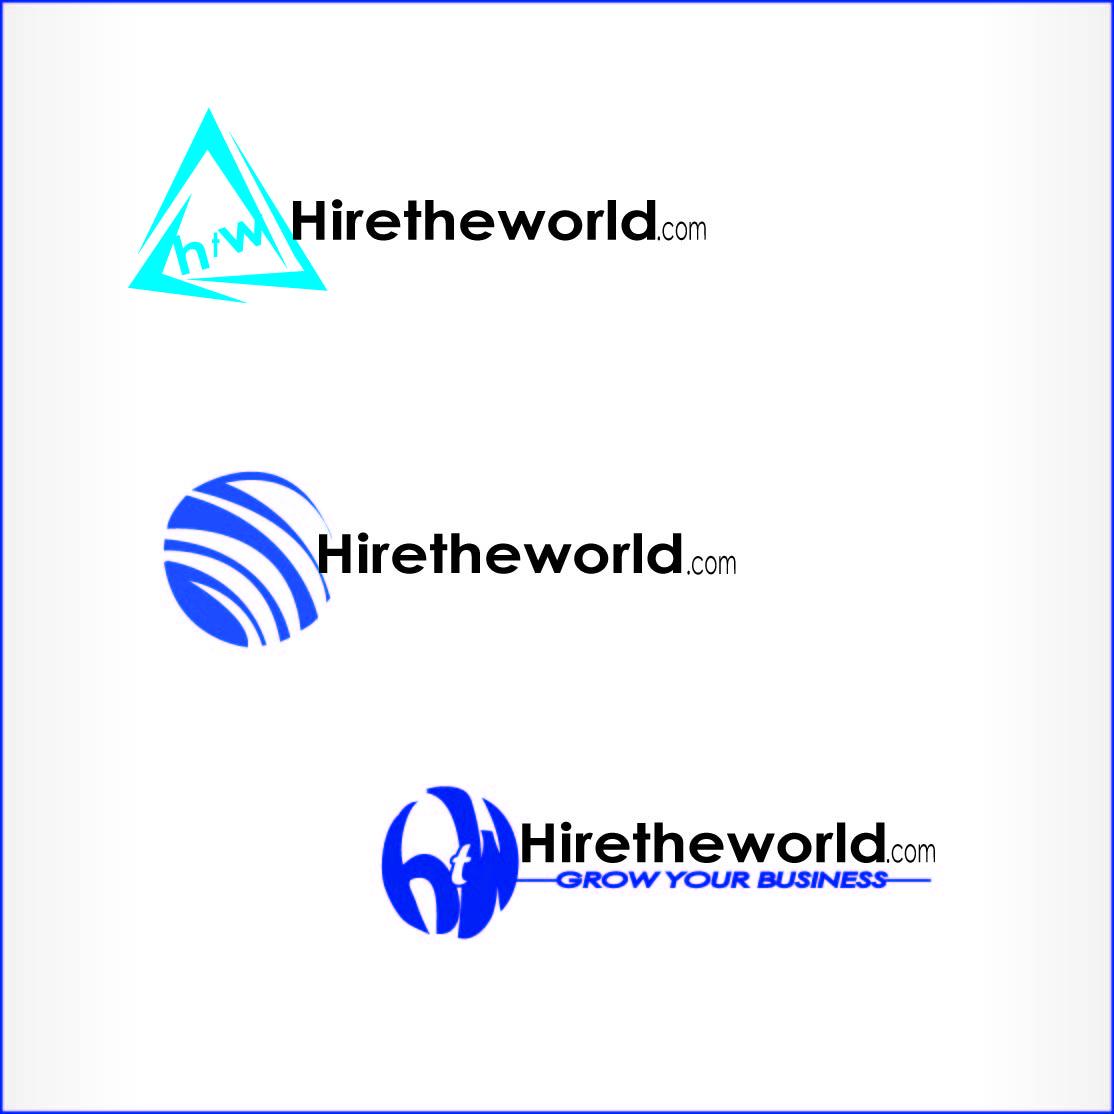 Logo Design by Saunter - Entry No. 151 in the Logo Design Contest Hiretheworld.com.